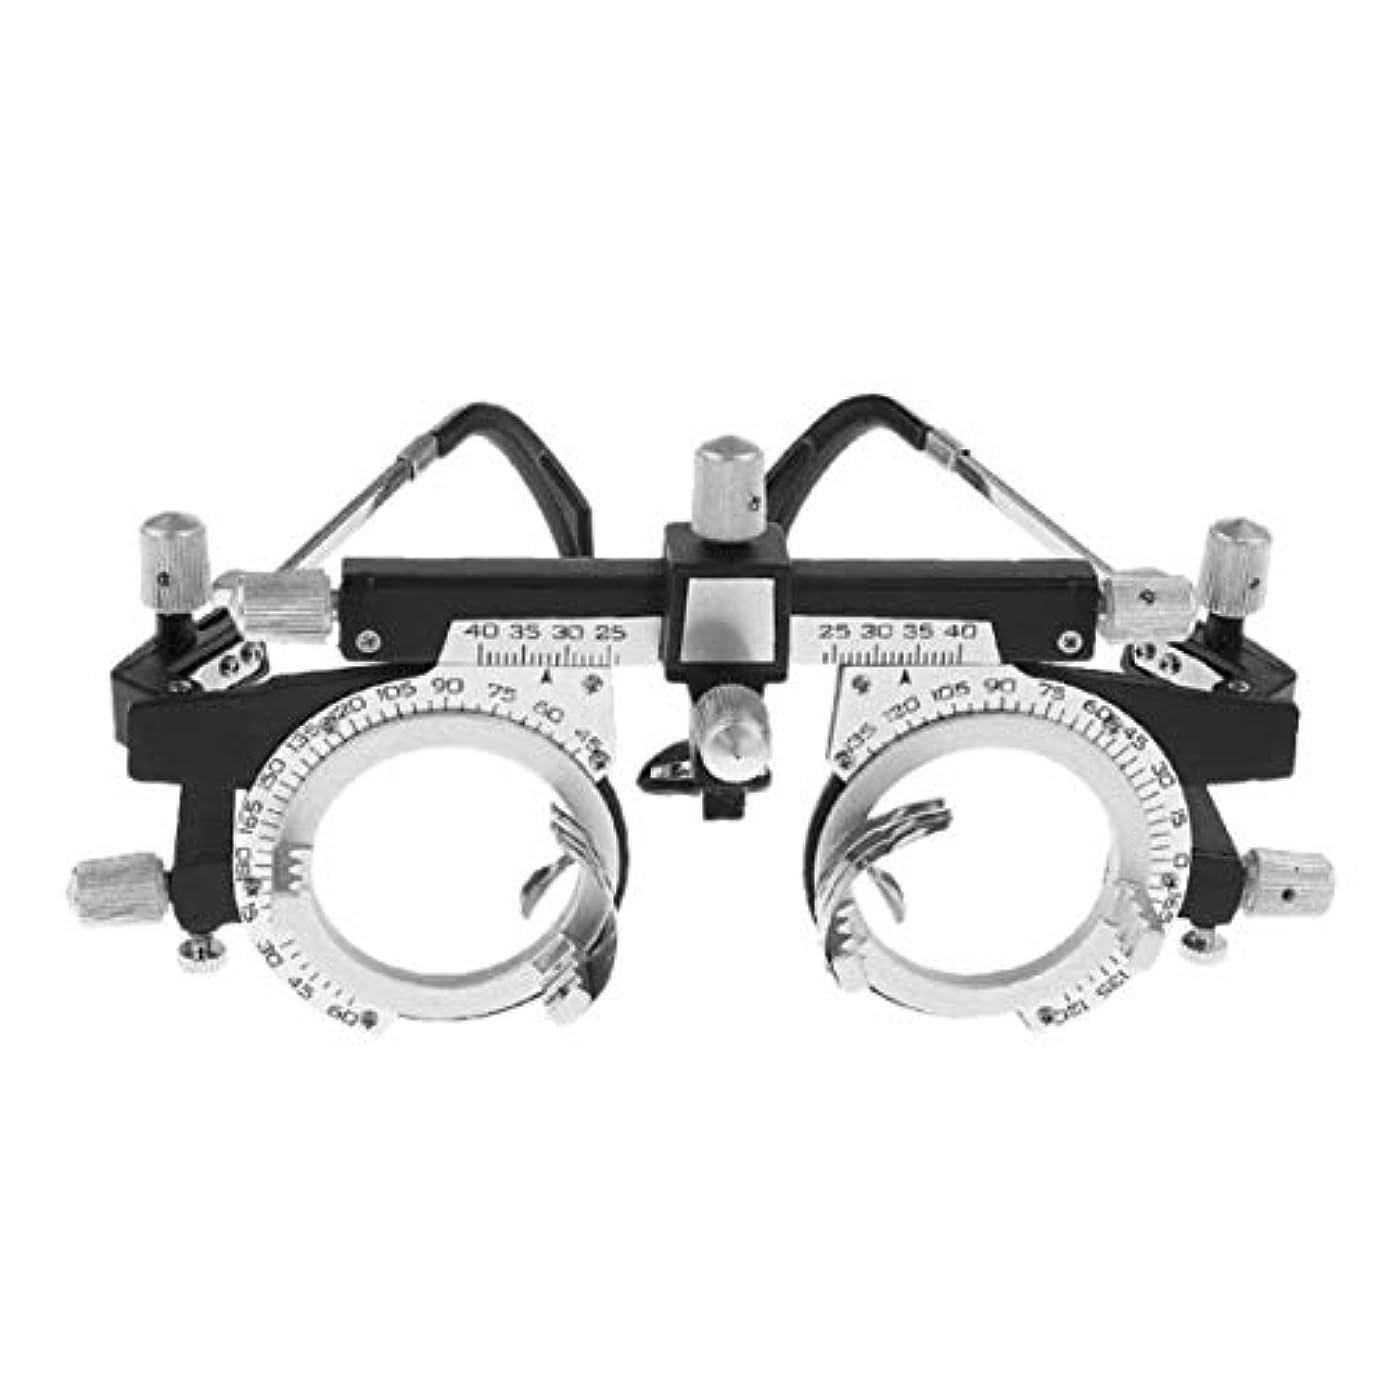 かび臭い可愛いコントローラ調節可能なプロフェッショナルアイウェア検眼メタルフレーム光学オプティクストライアルレンズメタルフレームPDメガネアクセサリー - シルバー&ブラック